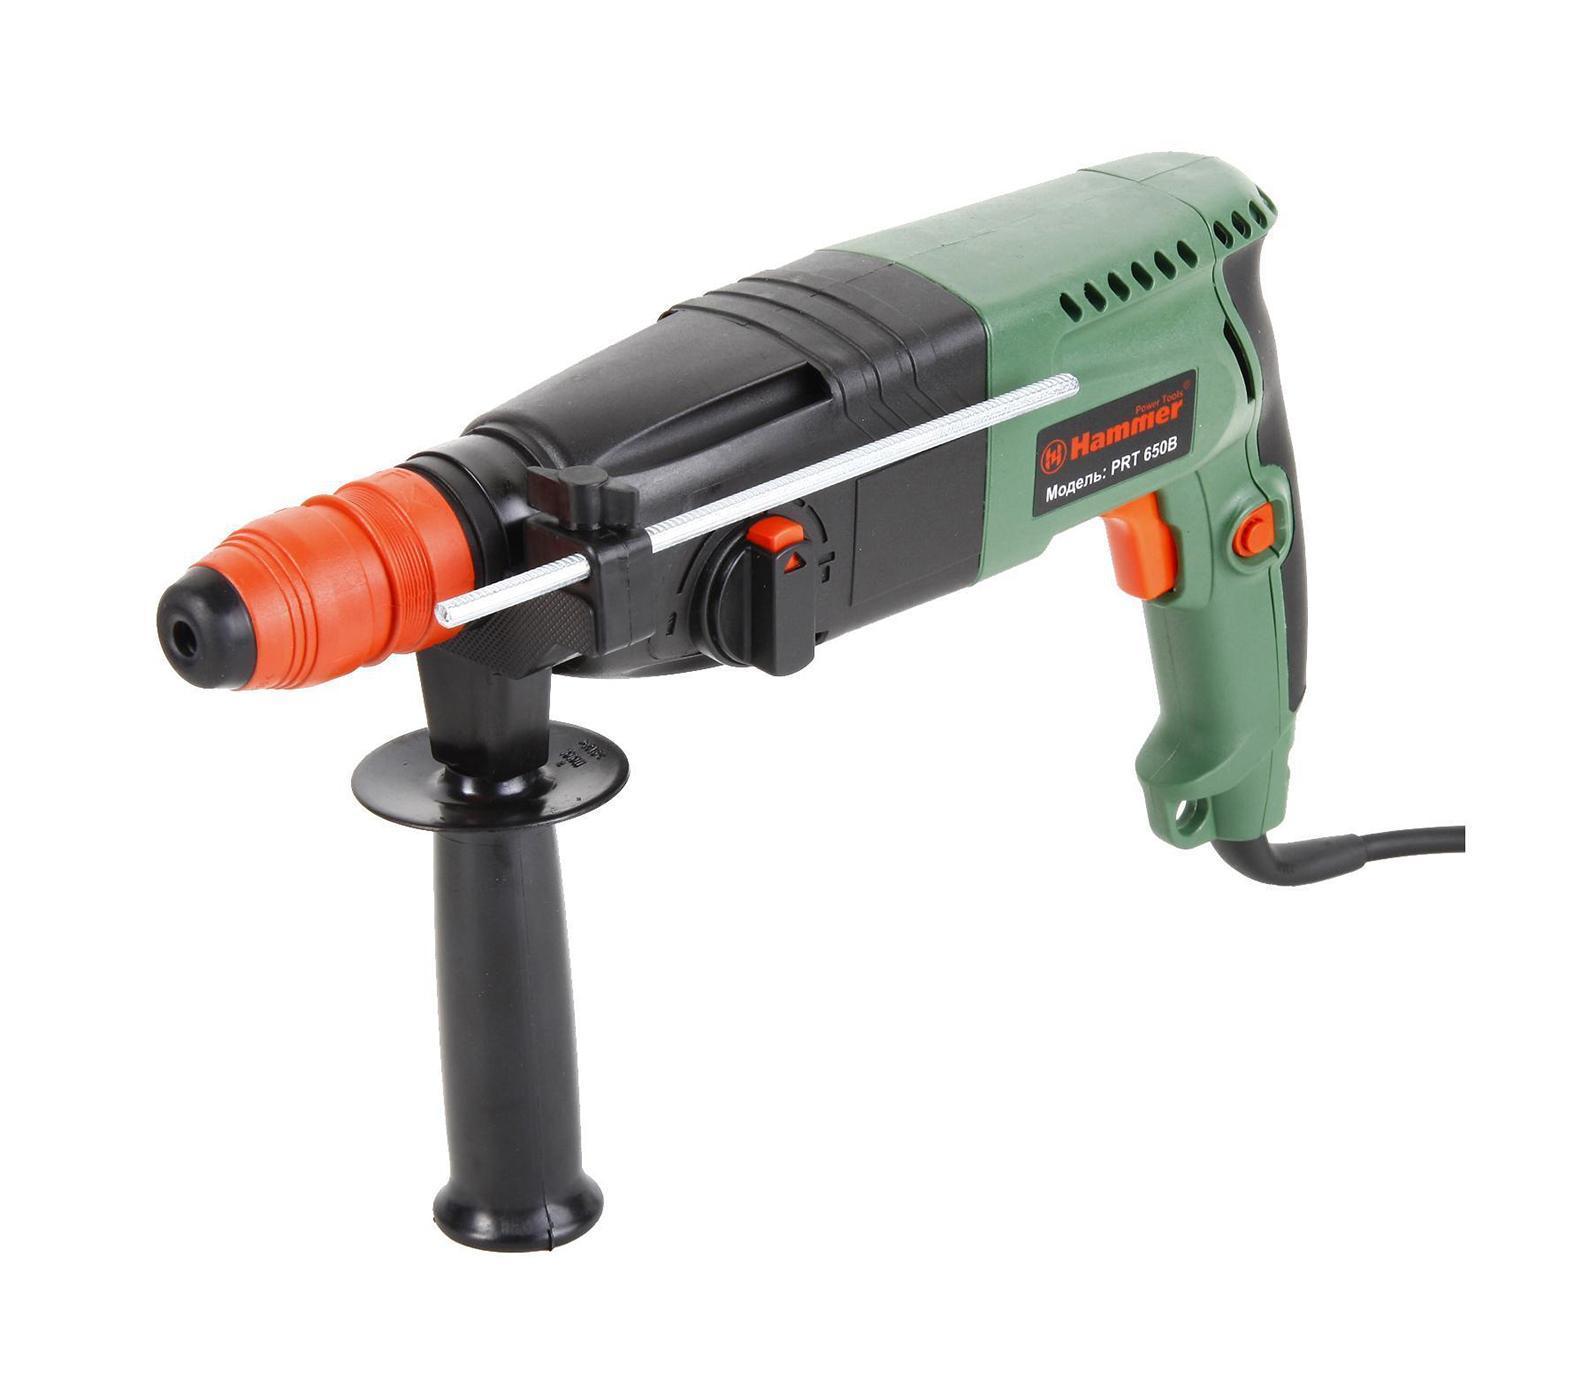 Hammer PRT650В перфораторPRT650В перфораторДомашний помощник Производитель ручного инструмента Hammer для использования как в быту, так и на производстве. Перфоратор предназначен для создания отверстий в металле, в дереве и других твердых материалах. В режиме «сверление с ударом» или «долбление» инструмент способен продолбить отверстие в бетоне, кирпиче, керамике. Отличная производительность При относительно не сложных видах работ, а также при эксплуатации инструмента на высоте вам необходим сравнительно легкий и производительный перфоратор. Именно таким является от производителя Hammer. Весом 3.3 кг, он снабжен мощным двигателем 650 Вт и длинным сетевым кабелем 3.3 м. Модель имеет функцию удара с энергией 2.2 Дж, частотой 4850 уд/мин., что делает его отличным «убийцей» бетона и кирпича. Долбить или сверлить Самым популярным режимом большинства перфораторов является режим «сверления с ударом», при котором рабочая оснастка получает одновременно оборотные...